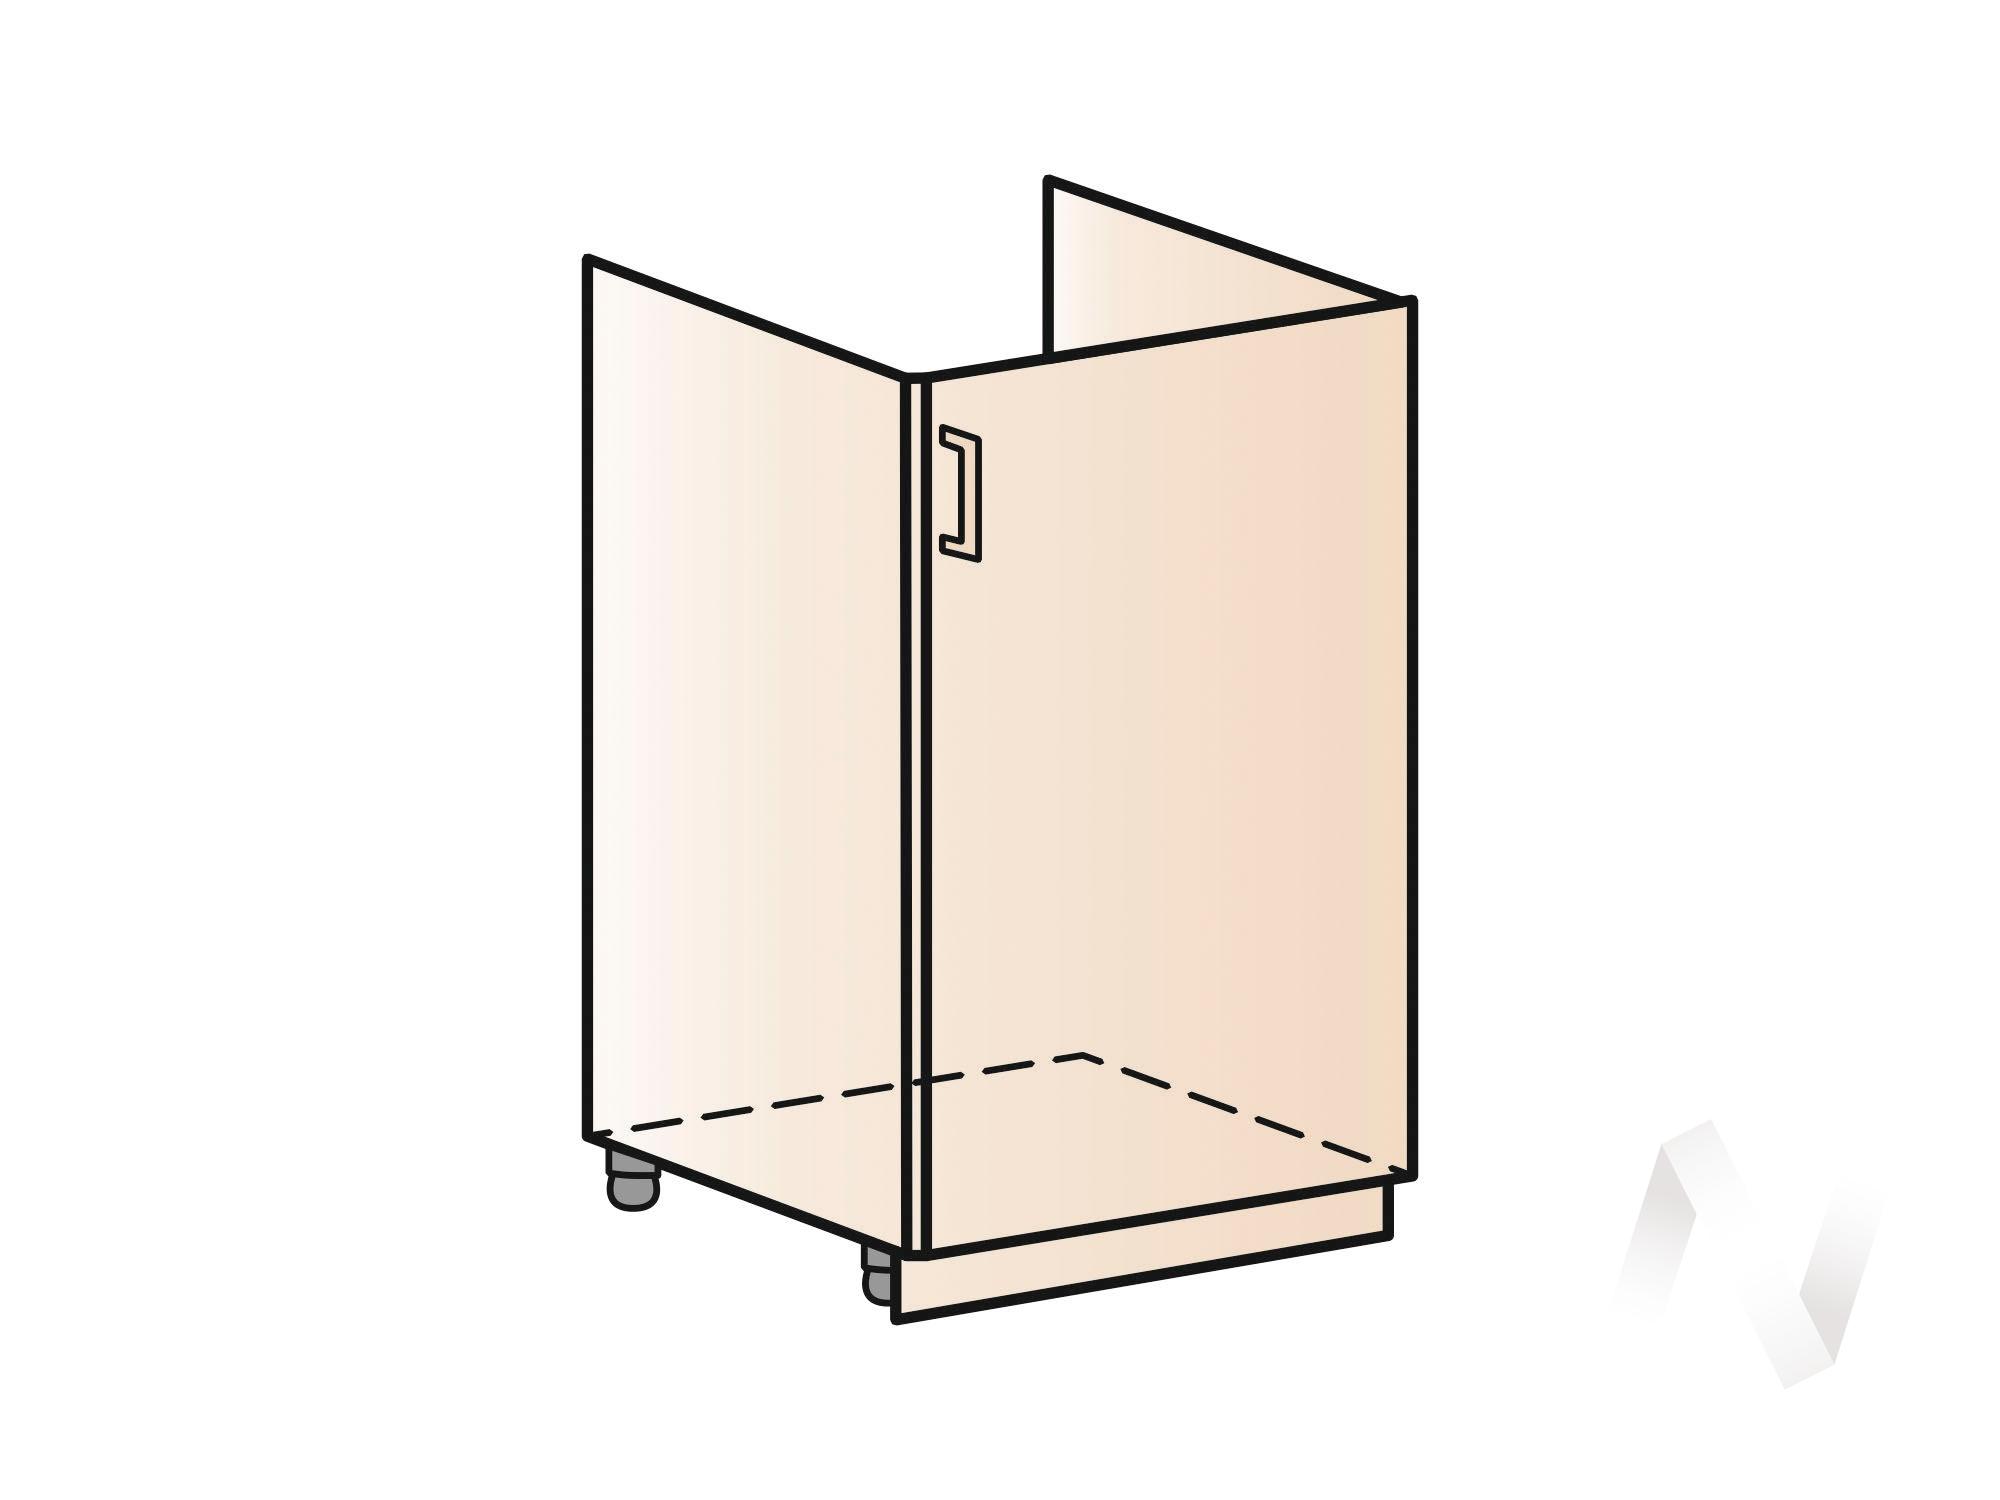 """Купить кухня """"струна"""": шкаф нижний под мойку 500, шнм 500 (фиолетовый металлик/корпус венге) в Новосибирске в интернет-магазине Мебель плюс Техника"""